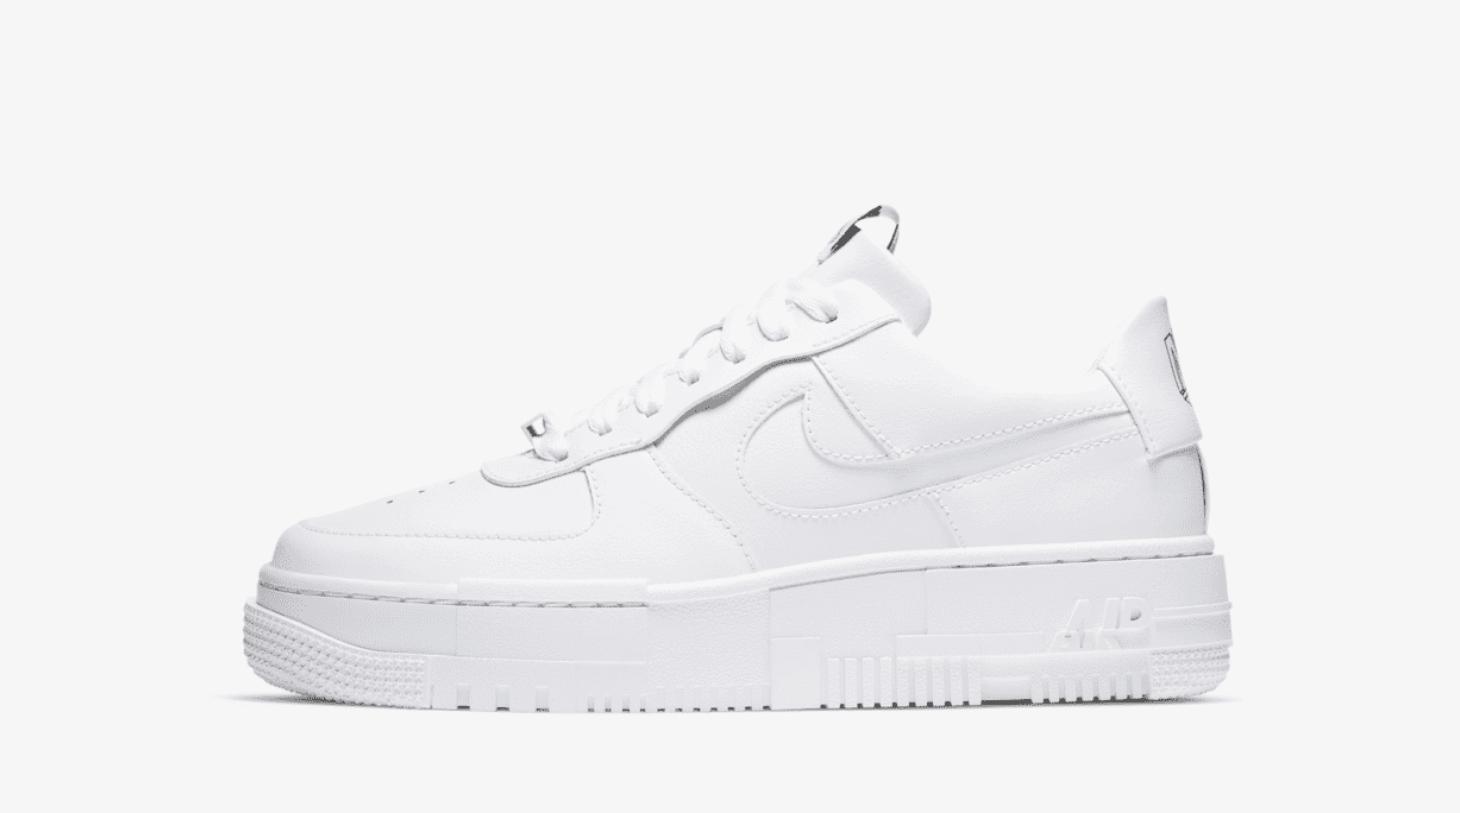 zapatillas Nike Air Force 1 Pixel White (blanco) 2020